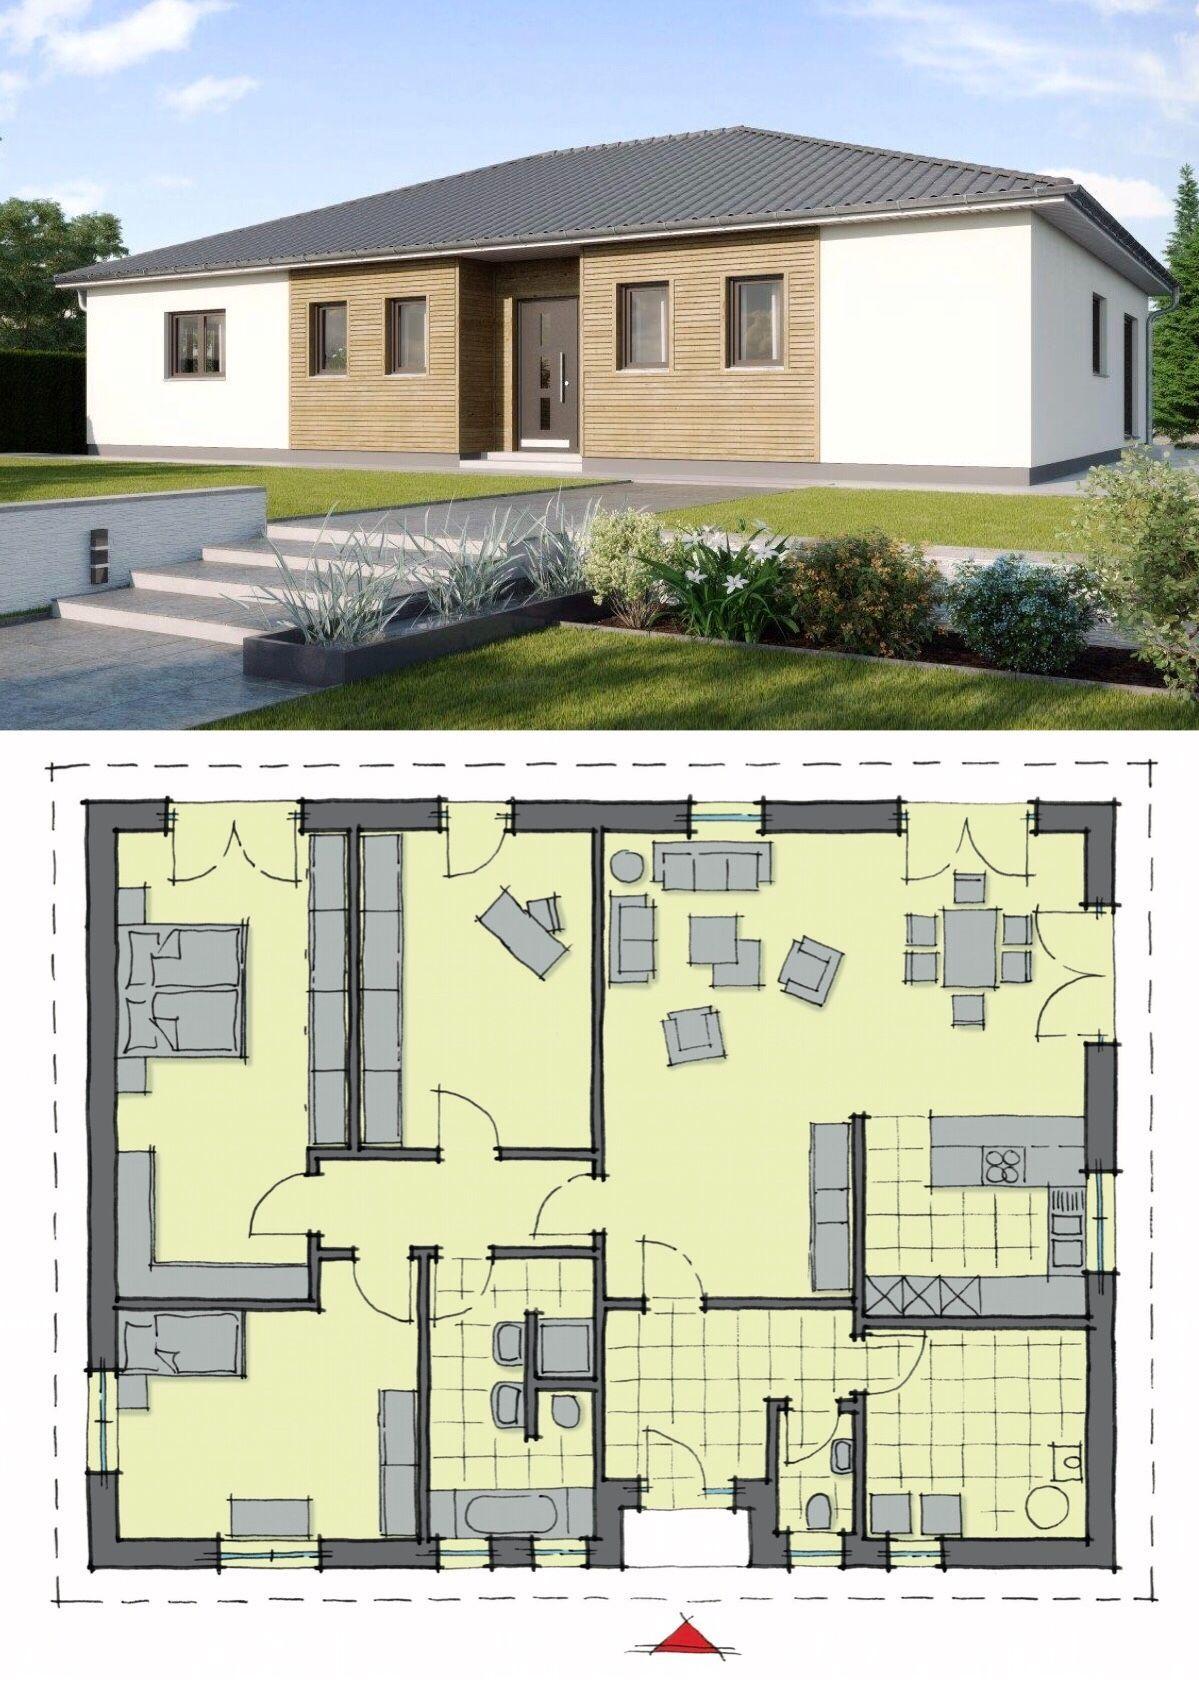 Bungalow Haus modern mit Walmdach Architektur & Holz Putz Fassade, 4 ...